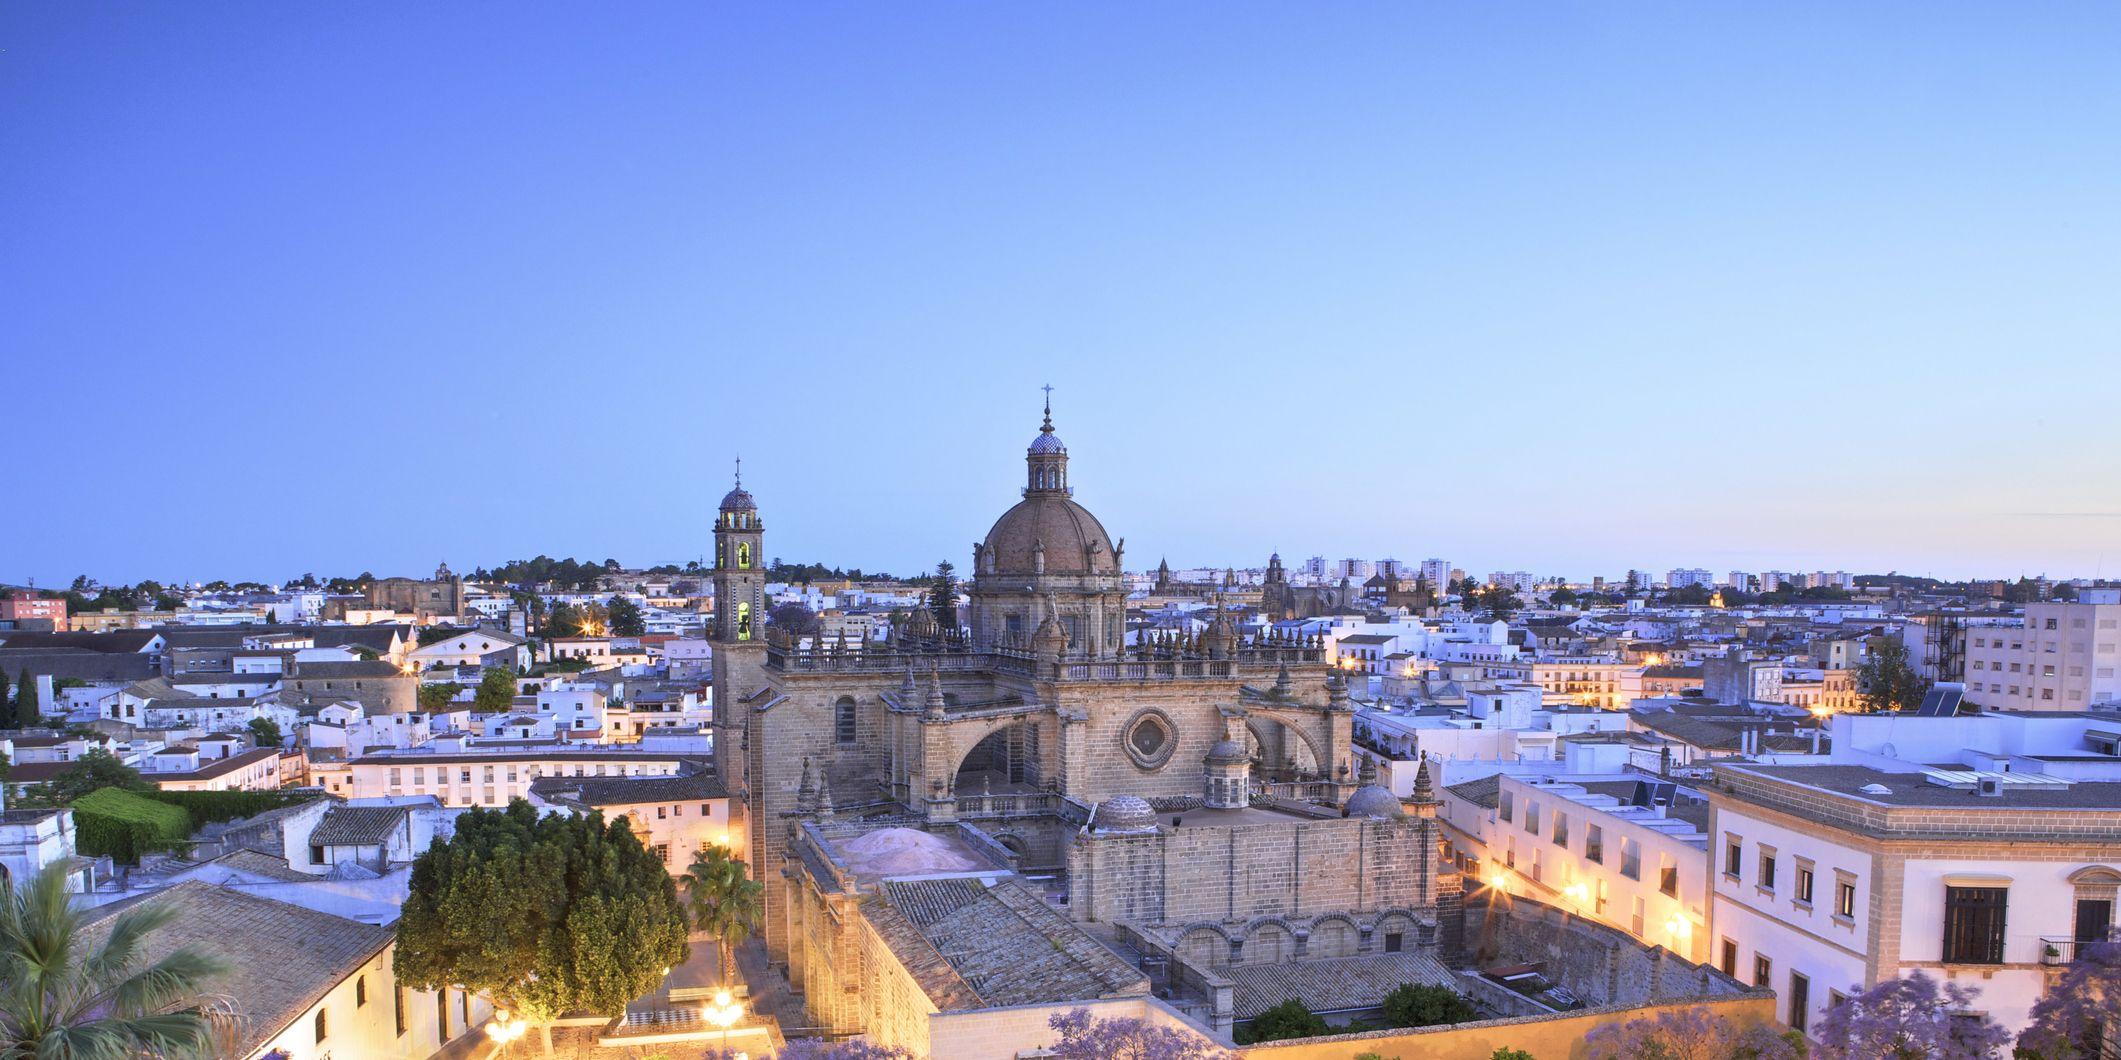 Qué ver en Jerez: Mapa de sus vinos y mejores hoteles, restaurantes, flamenco y caballos